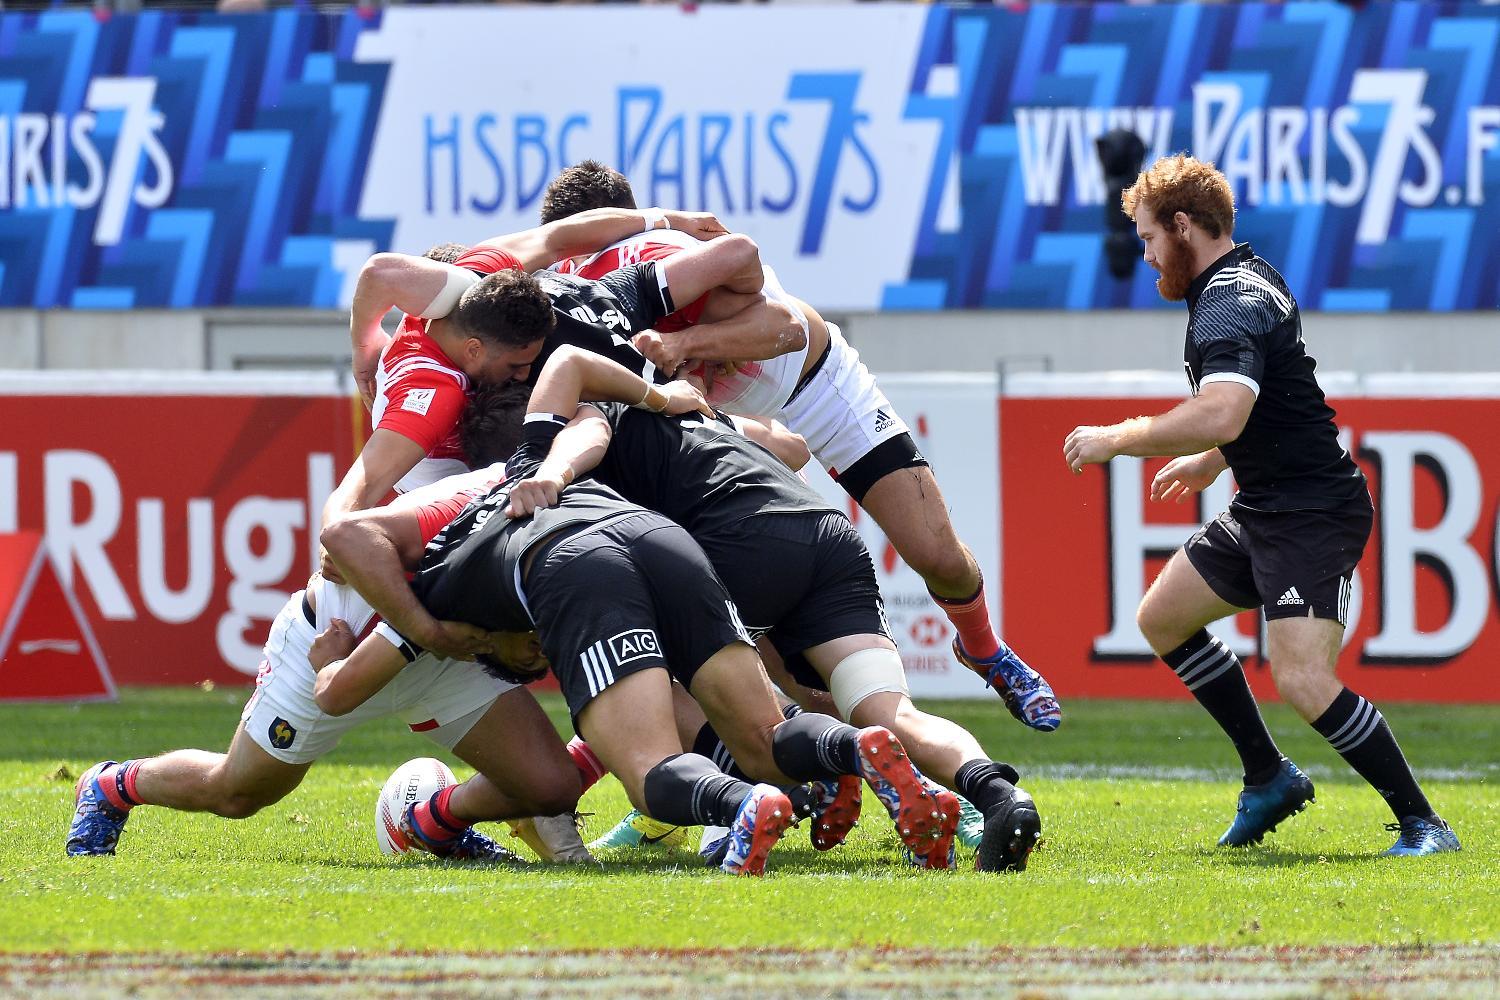 HSBC Paris Sevens